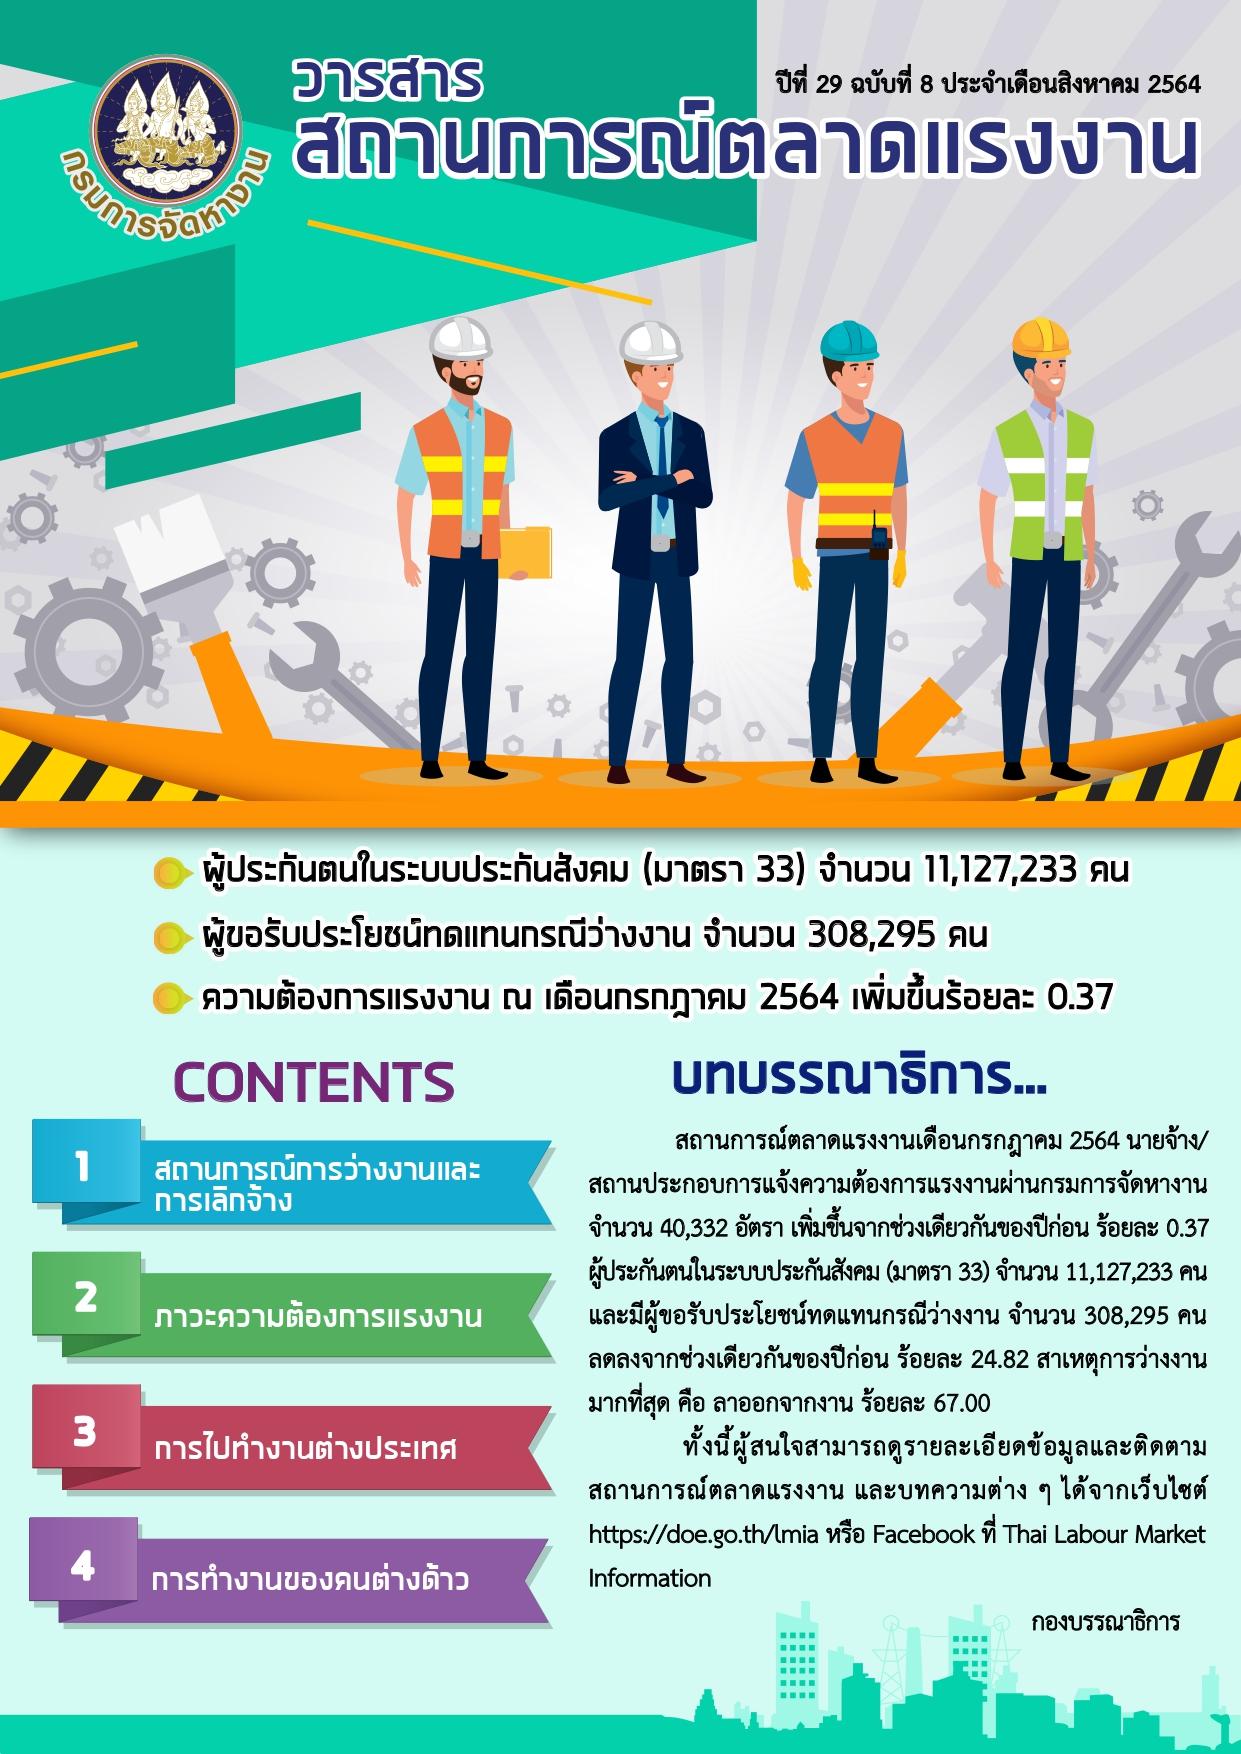 วารสารสถานการณ์ตลาดแรงงานประจำเดือนสิงหาคม 2564